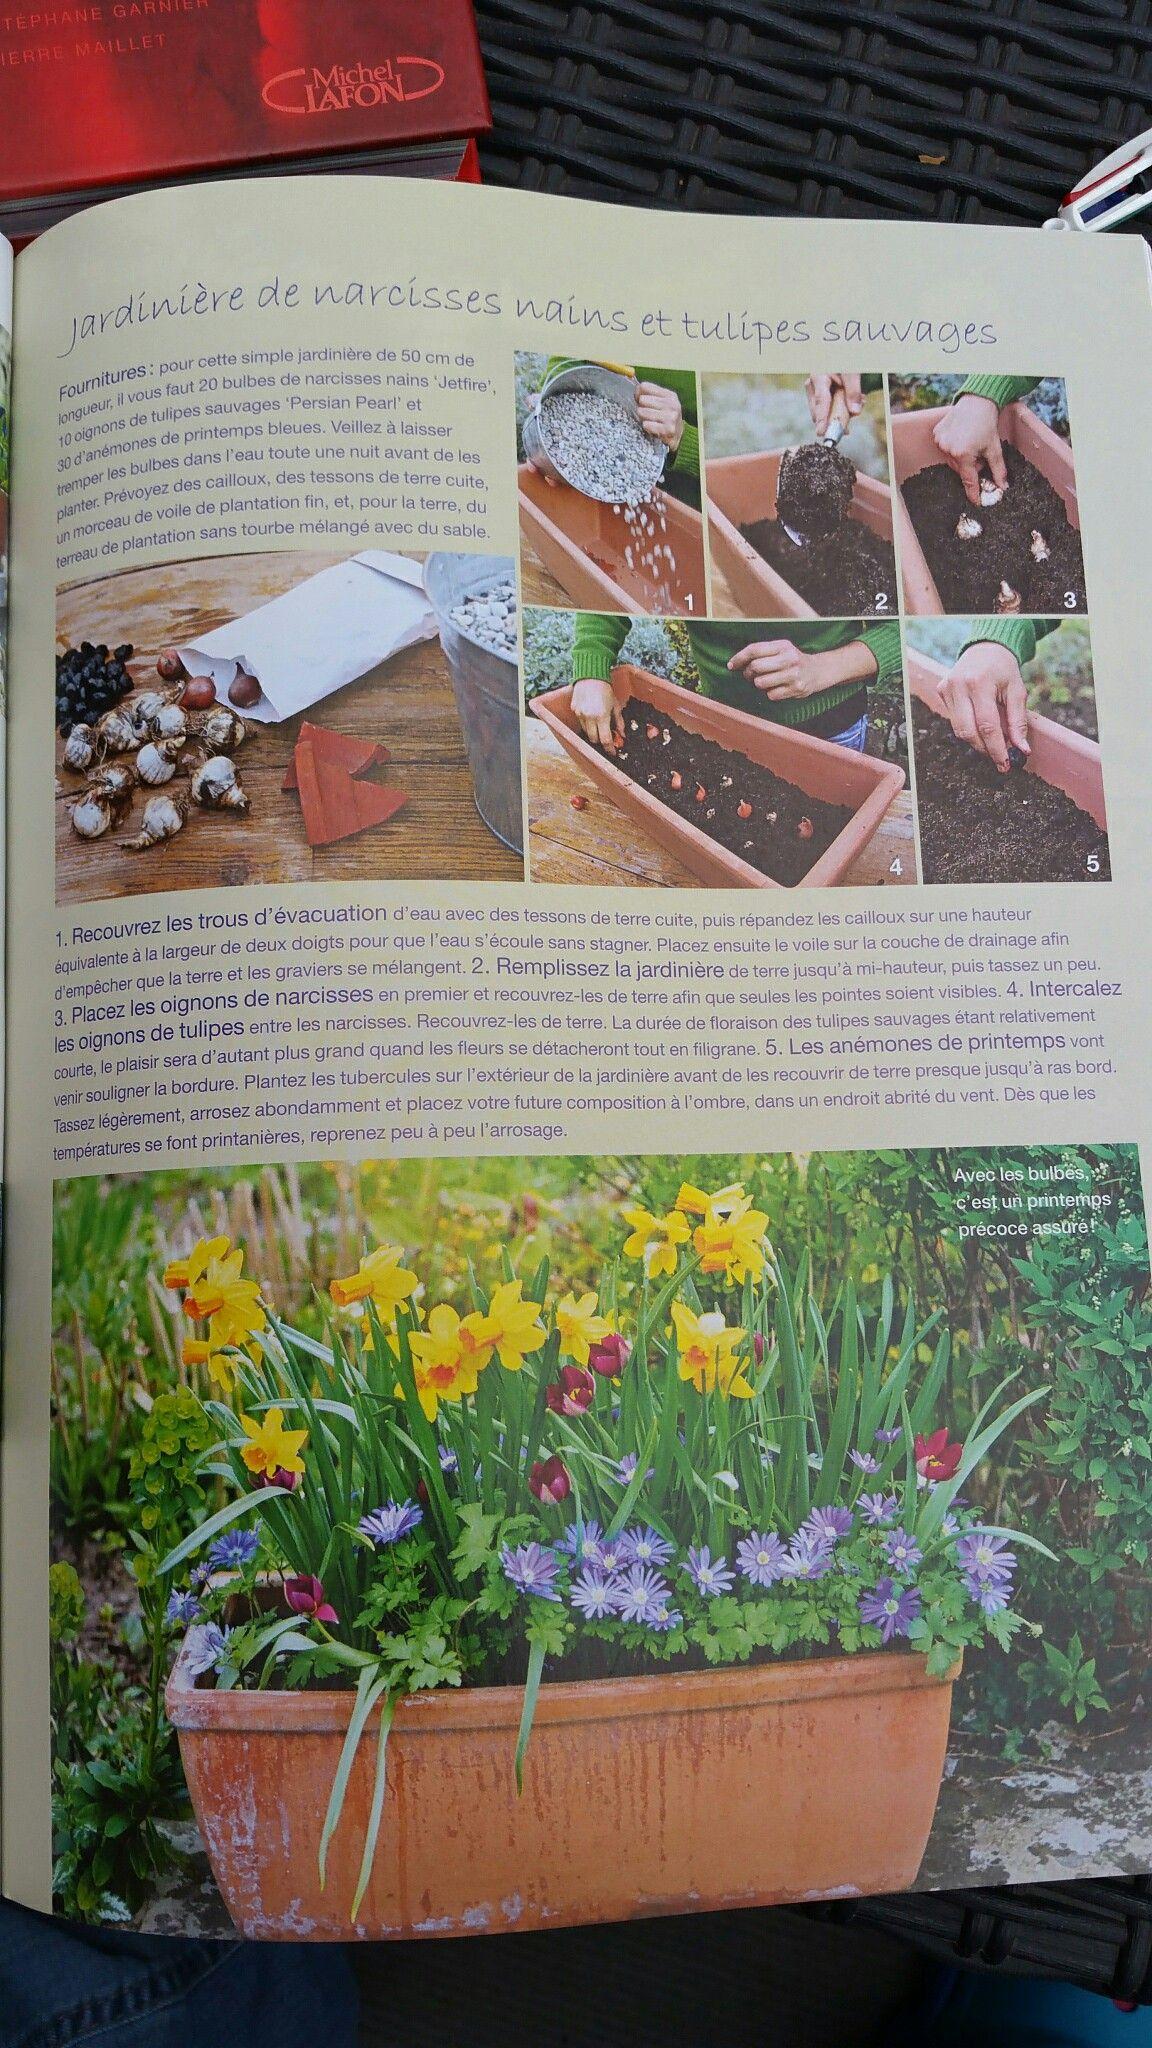 Jardinière de bulbes (narcisses nains et tulipes sauvages